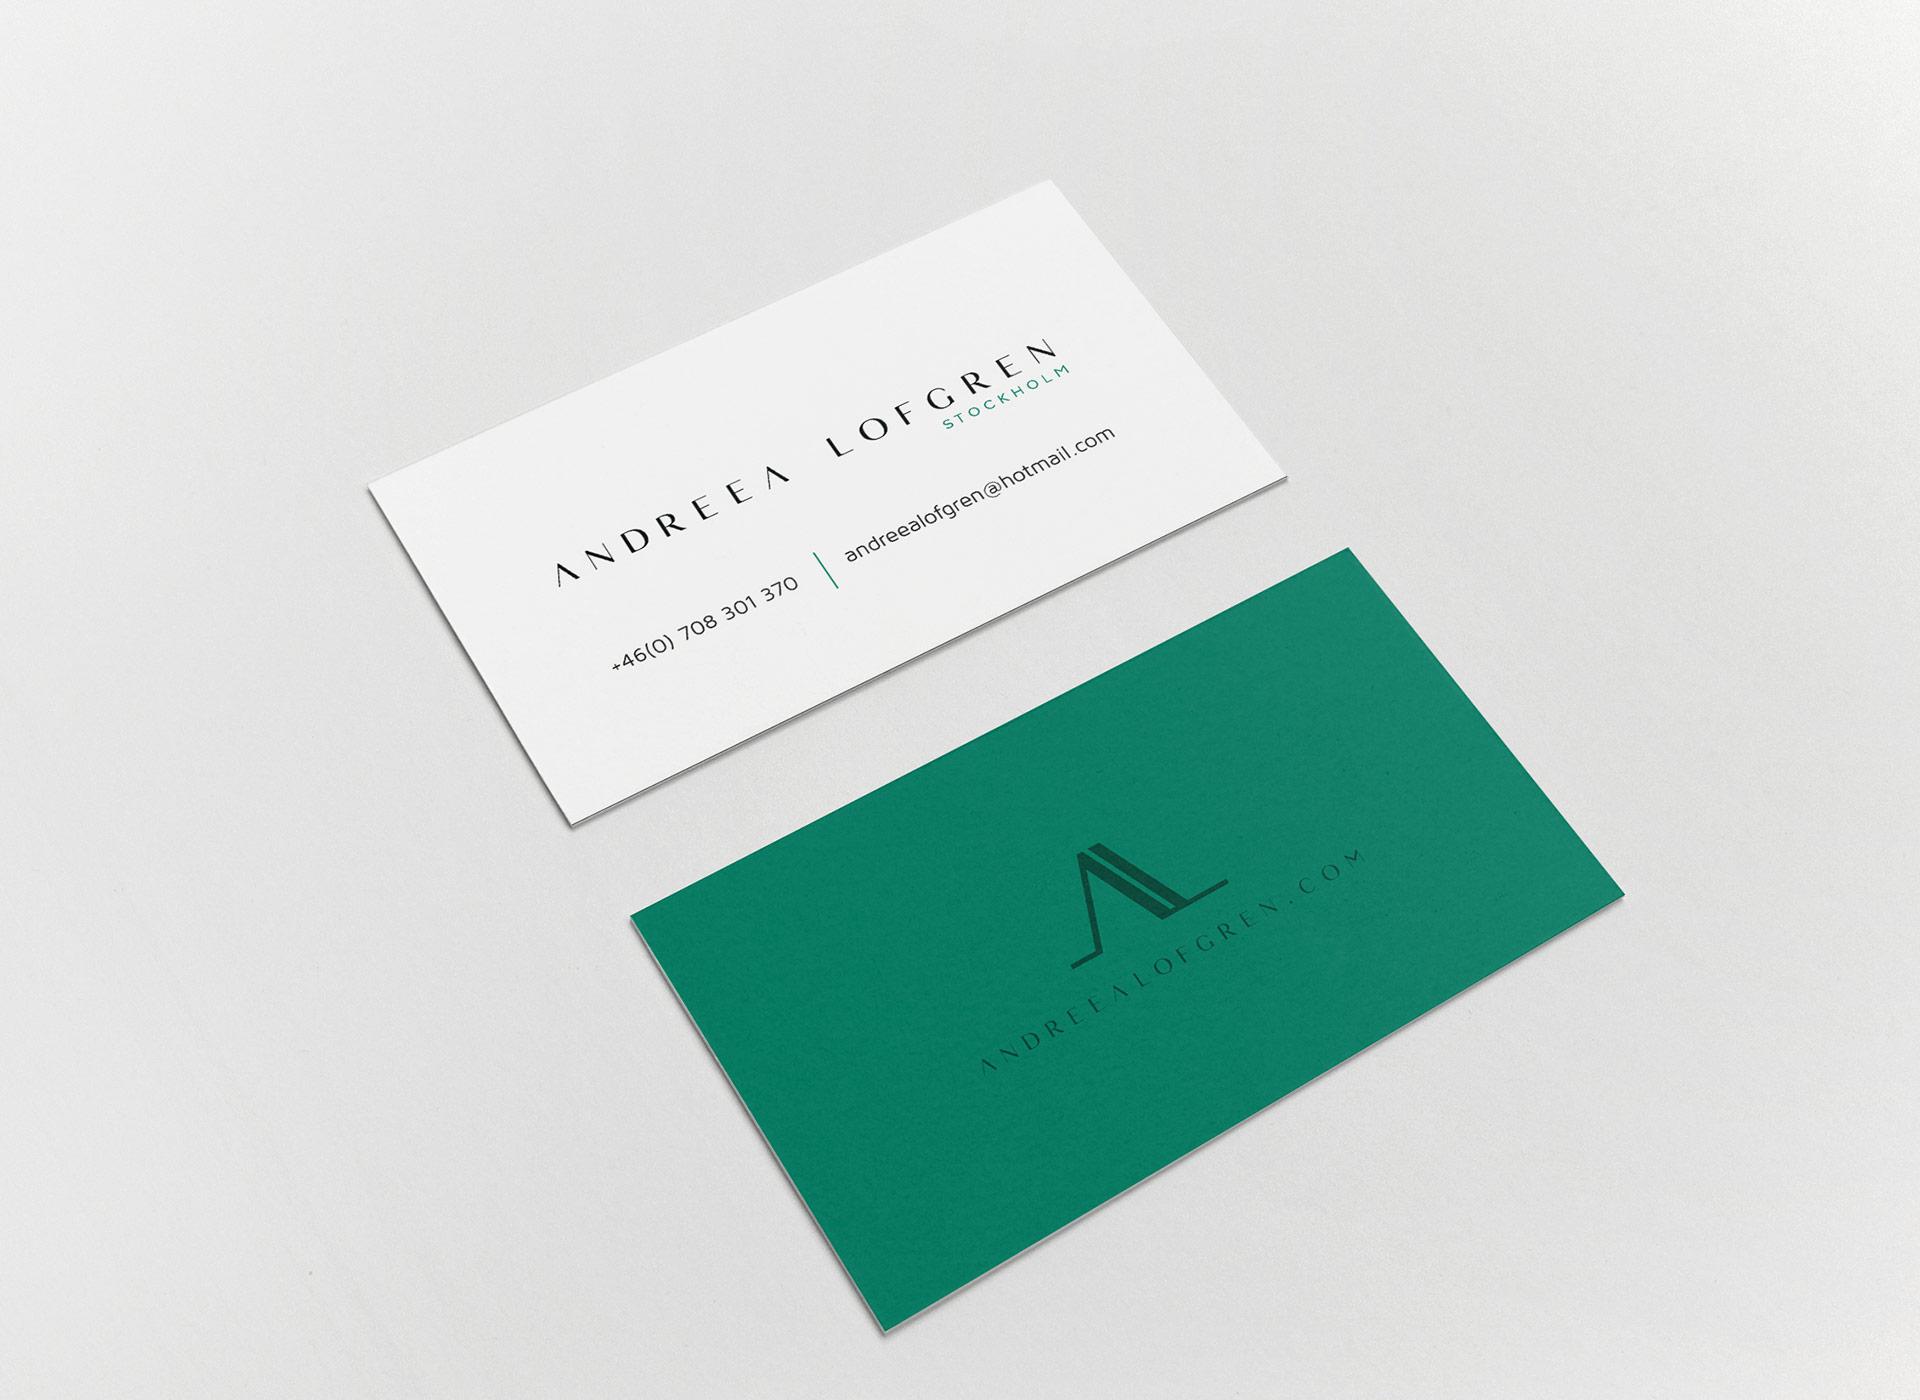 Andreea Lofgren portfolio inoveo cv